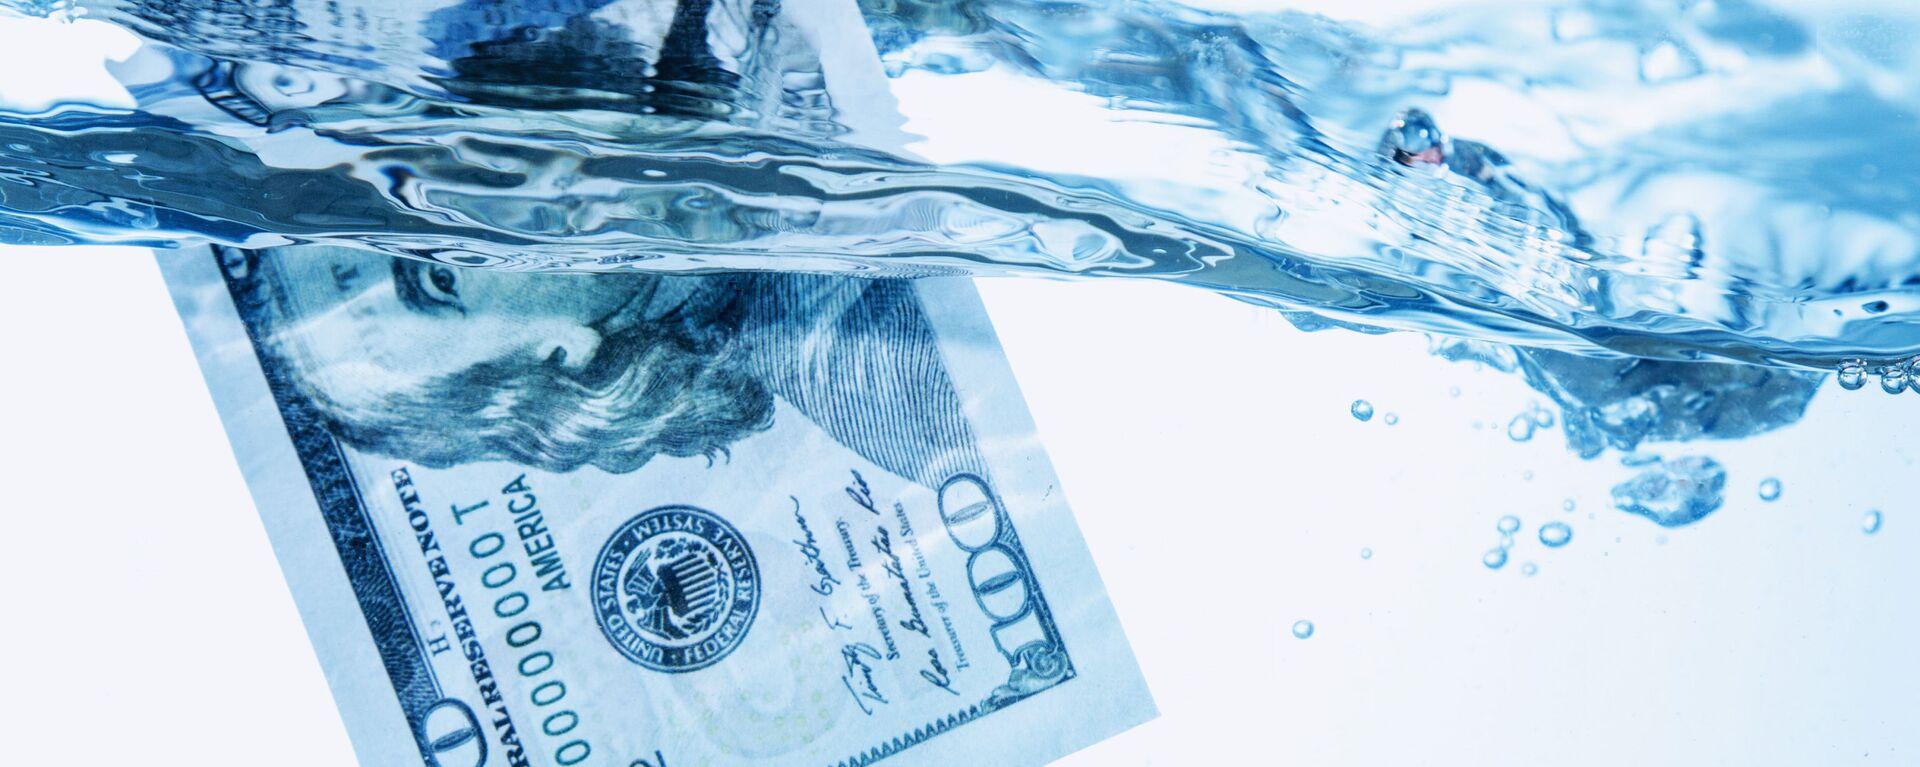 Dolar ve vodě - Sputnik Česká republika, 1920, 11.06.2021